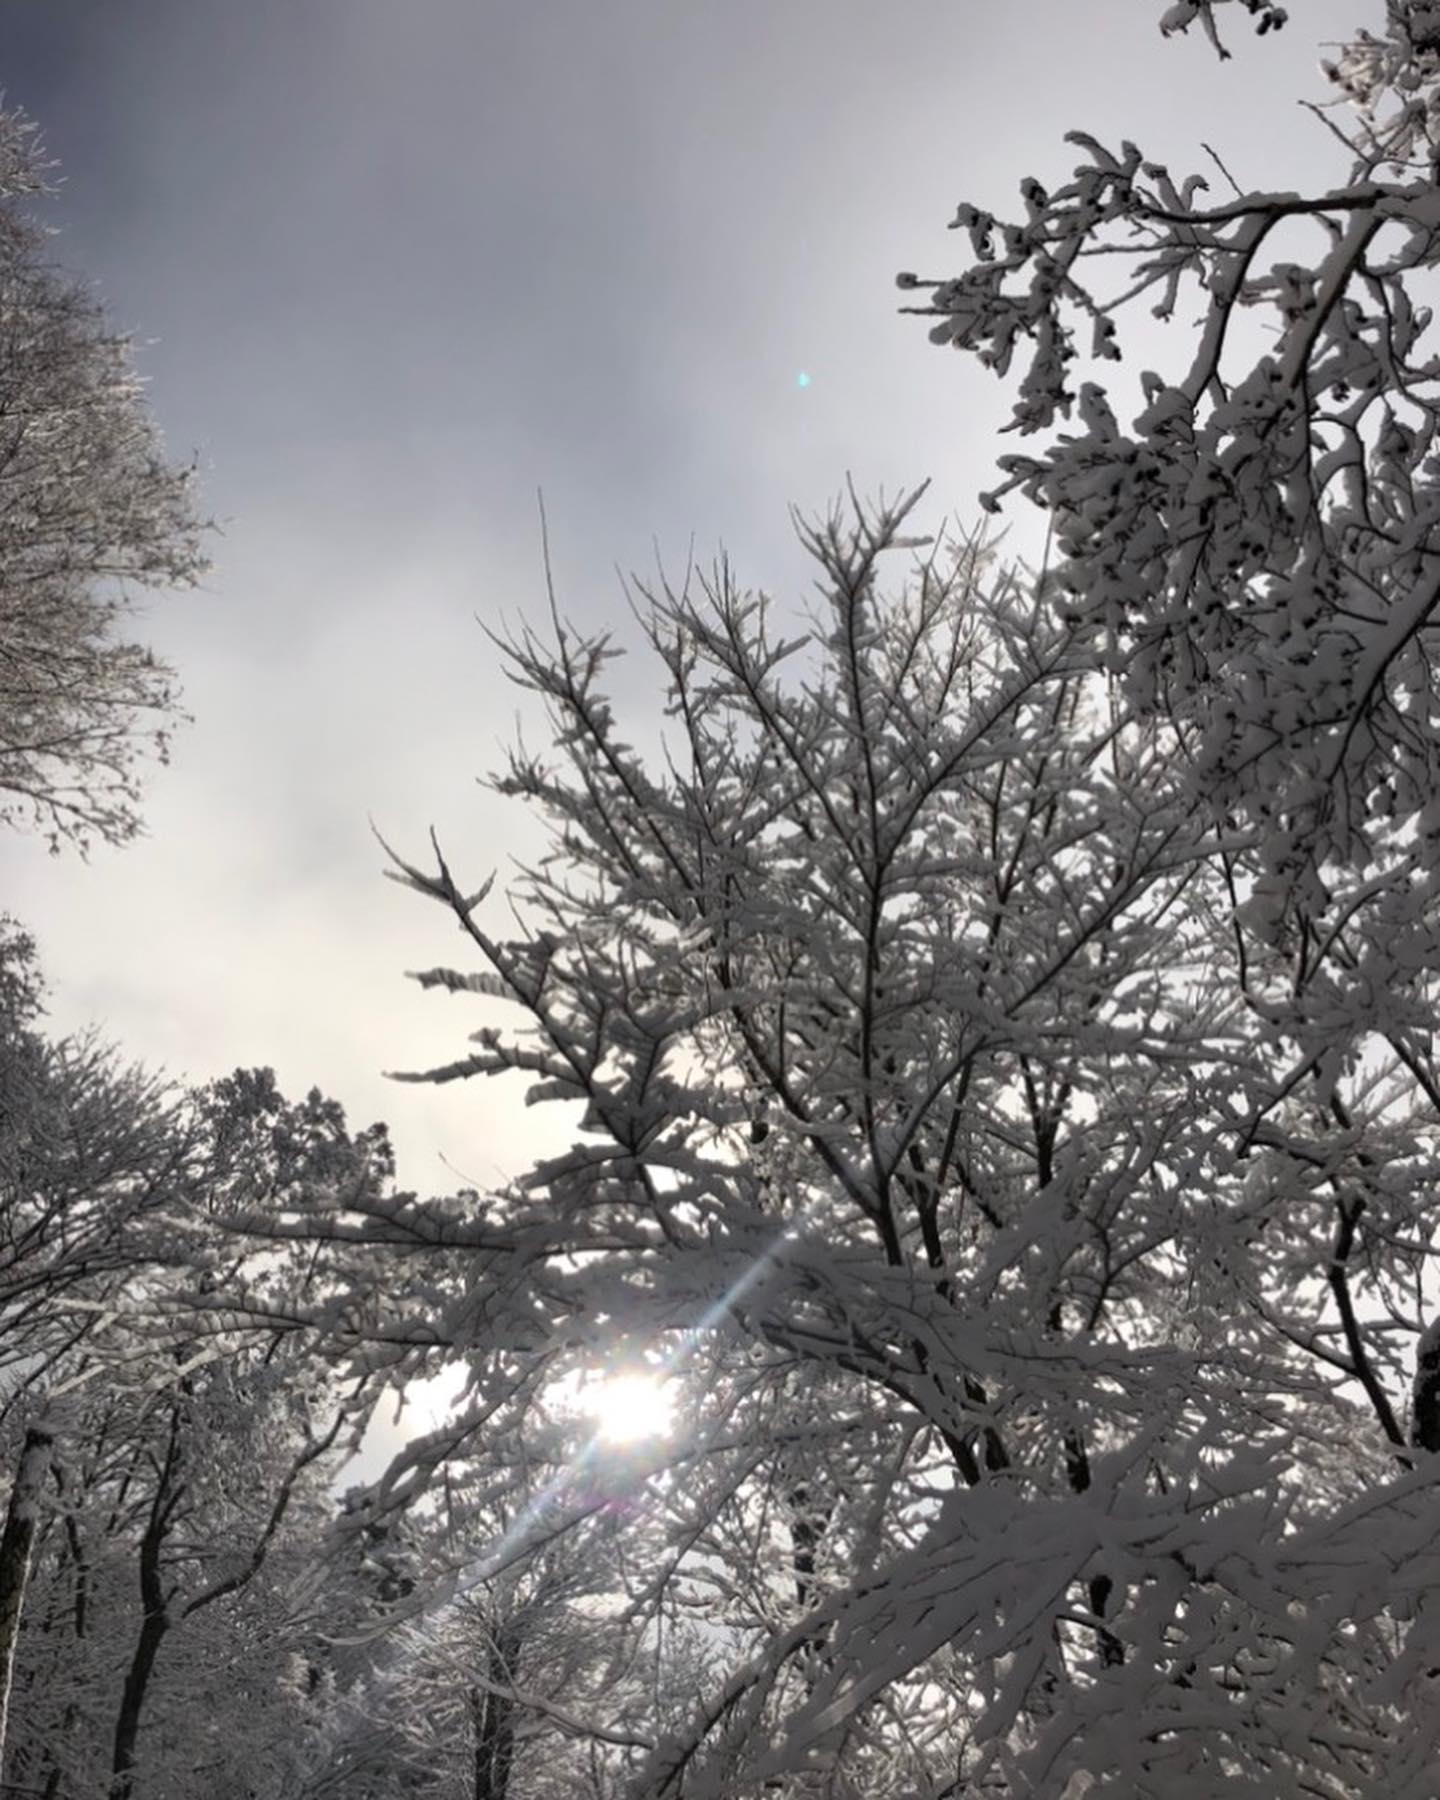 残り少ない冬を愉しむ。温暖化の影響で暖冬続きなここ八ヶ岳原村。日本海側北陸はまとまった雪が降って、ウインタースポーツはこの上ないパウダーを楽しめた今期の冬ですが、ここ八ヶ岳は寒さもまあまあな感じでした。思うのは、本当に温暖化なの?そもそもその年々によって毎度違っていて当たり前な気もする。ただ、今年の八ヶ岳は雪も少なく、割と暖かい冬でした。なのかもしれないです。その隙間で、出会う事のできるこの景色がとにかく最高。避暑地の八ヶ岳も良いですが、やはり冬の八ヶ岳は一瞬一瞬が張り詰めていて心地よい。まだまだ、だらだら?と桜の開花まで続く冬を楽しもうと思う。#八ヶ岳 #原村 #雪 #雪景色 #張り詰めた空気 #朝日 #冬の朝日 #高原 #薪 #薪ストーブ #冬の暮らし #ストーブハウス原村 #八ヶ岳の薪ストーブ専門店